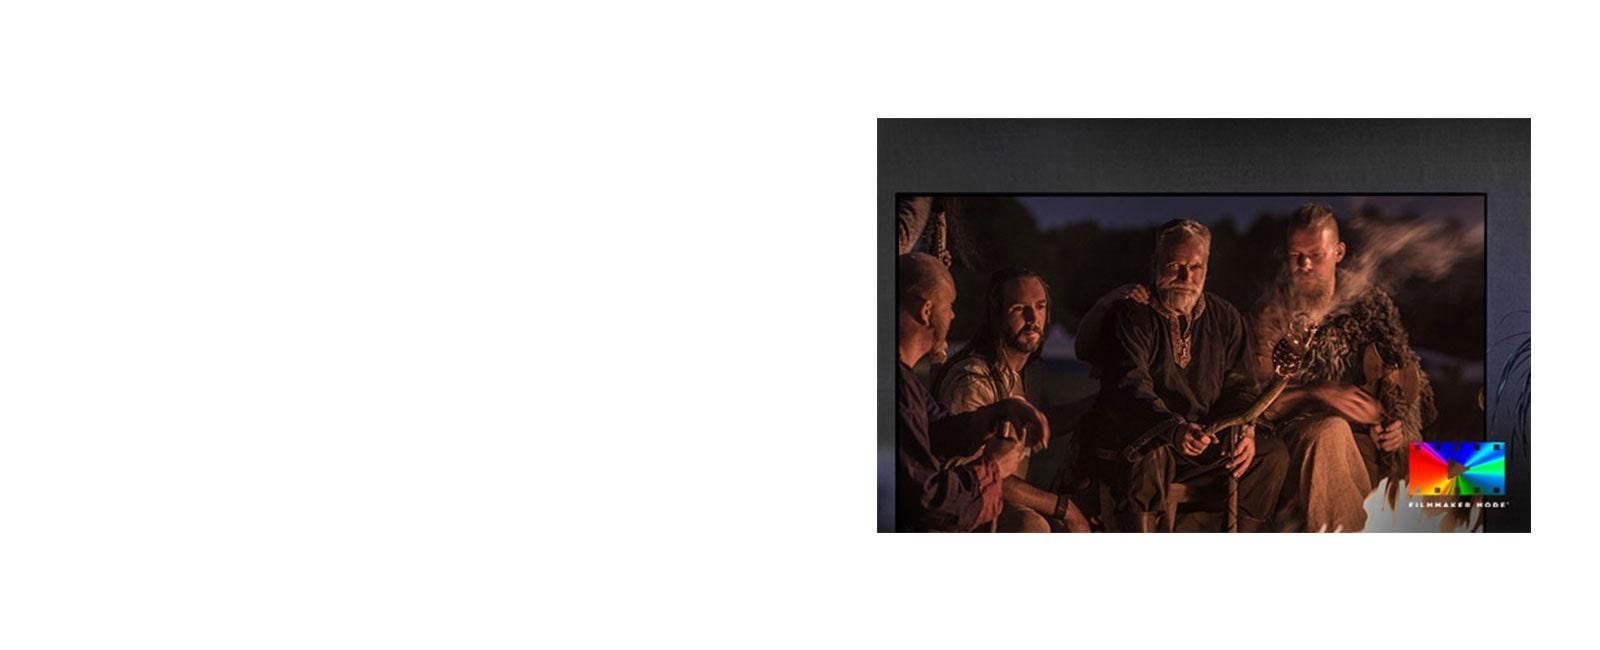 Video hiển thị Christopher Nolan trong một cuộc phỏng vấn